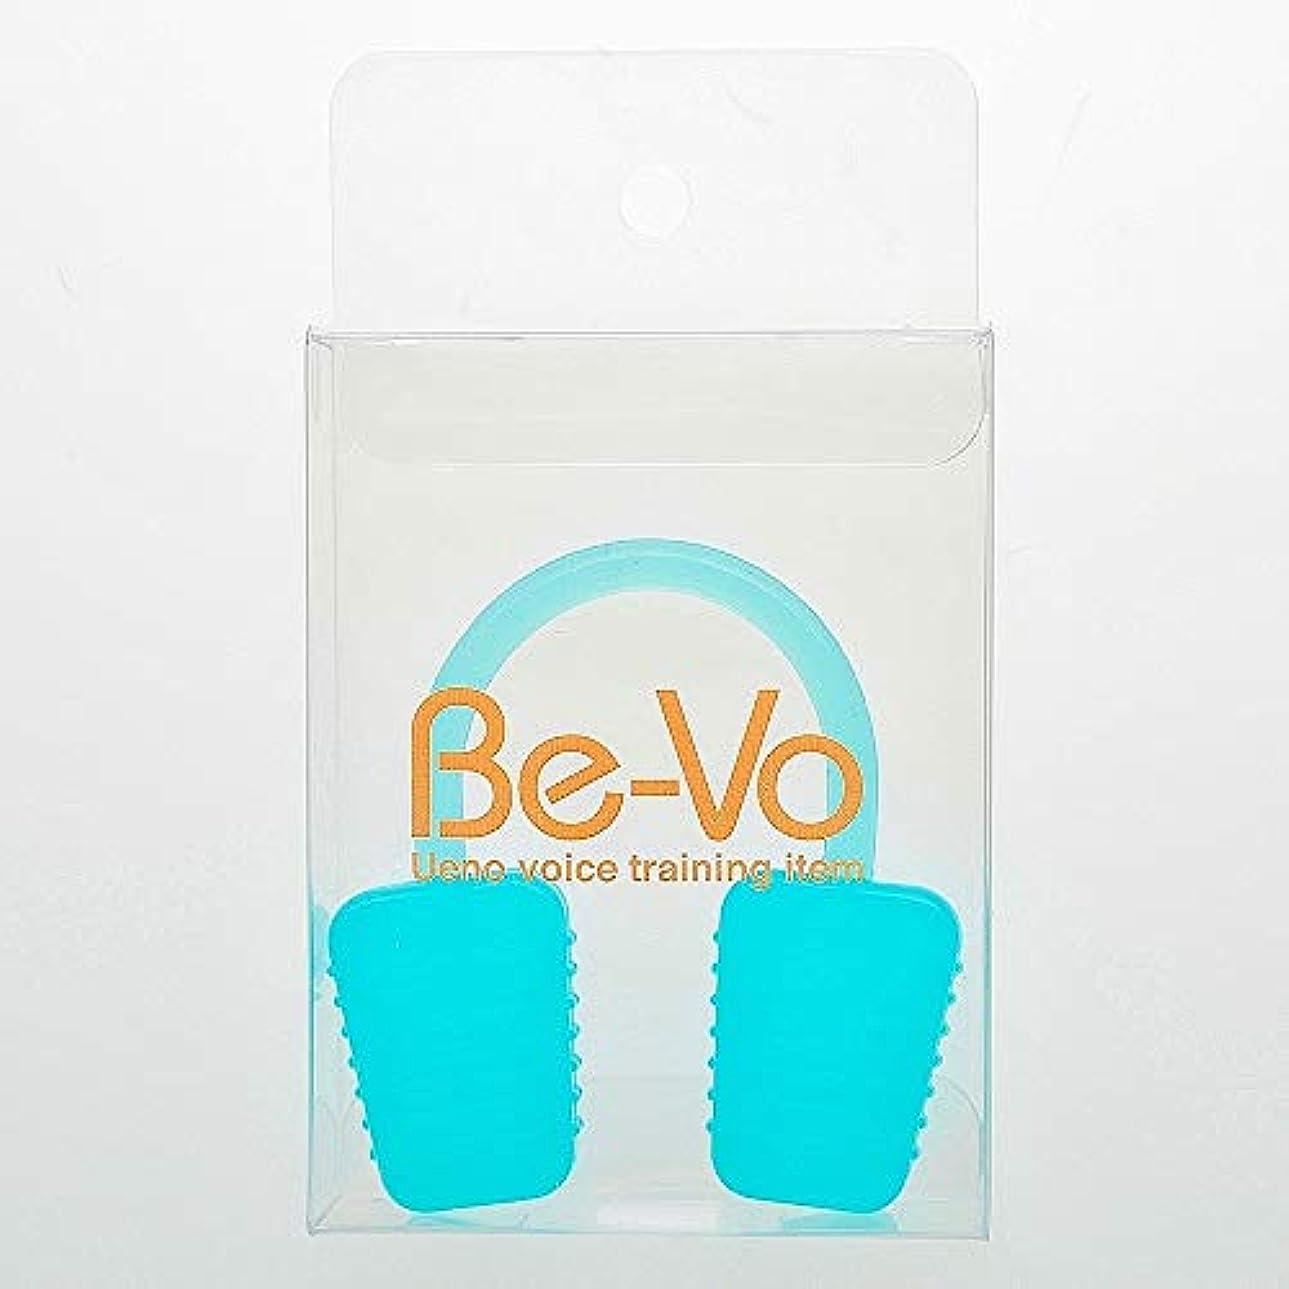 実質的修士号発音Be-Vo (ビーボ) ボイストレーニング器具 自宅で簡単ボイトレグッズ (ブルー)